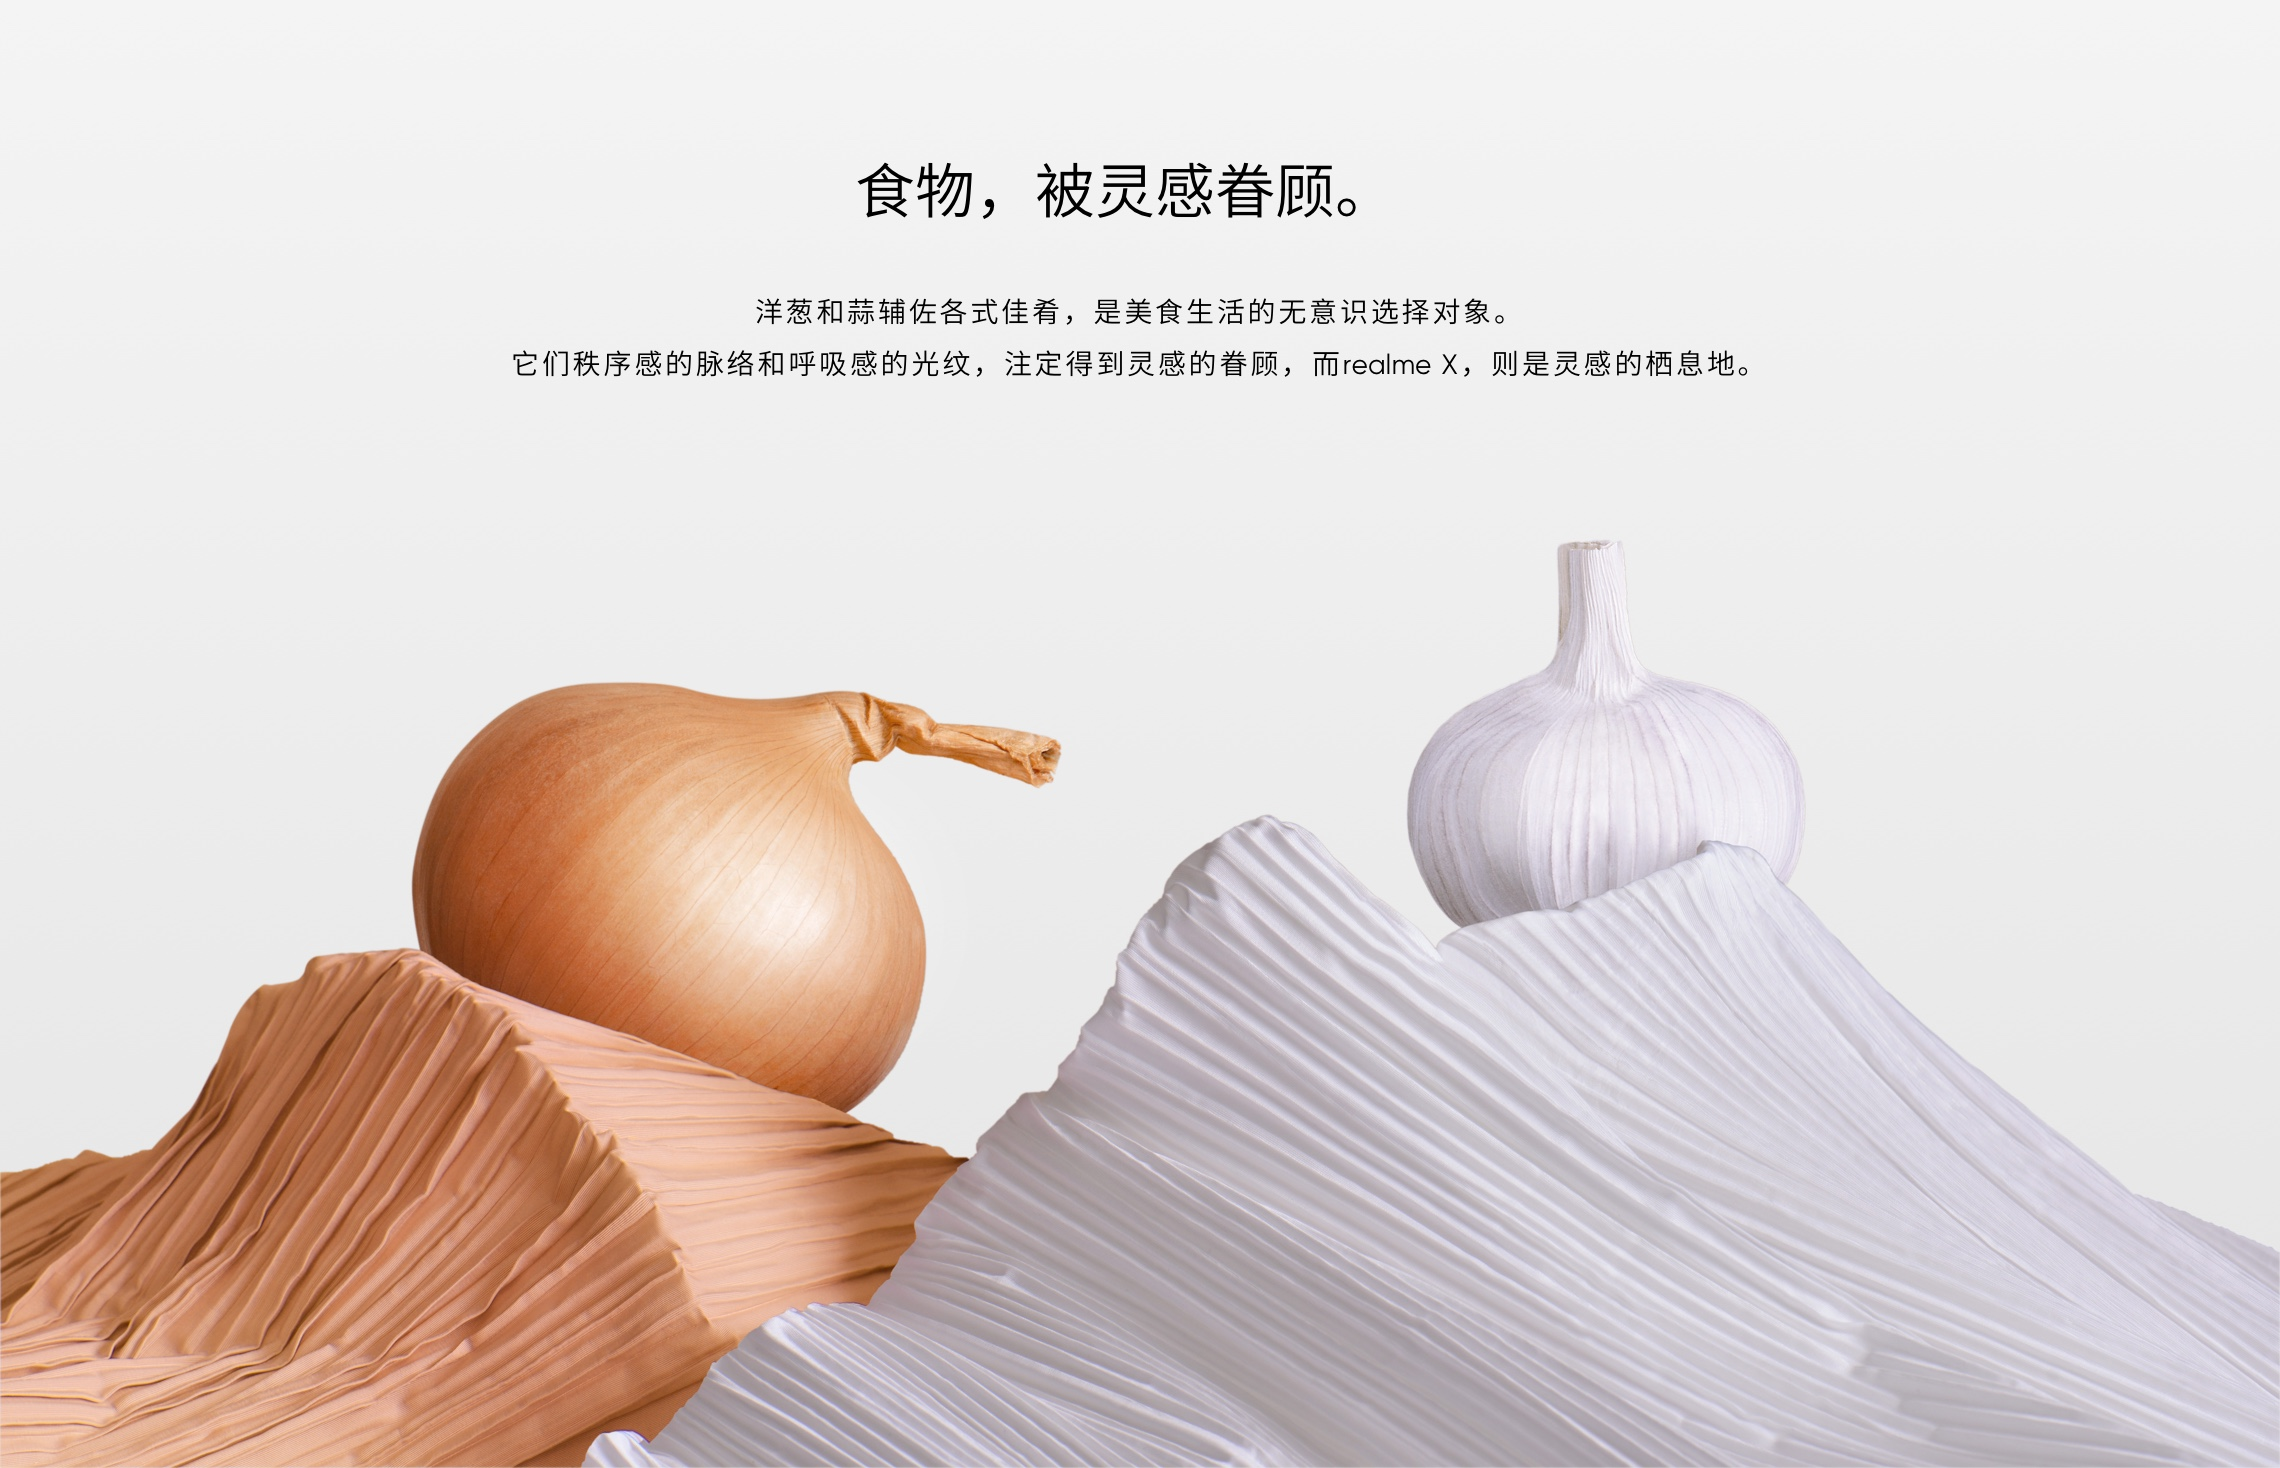 Dalla cinese Realme due smartphone con colorazioni che si ispirano all'aglio e alla cipolla